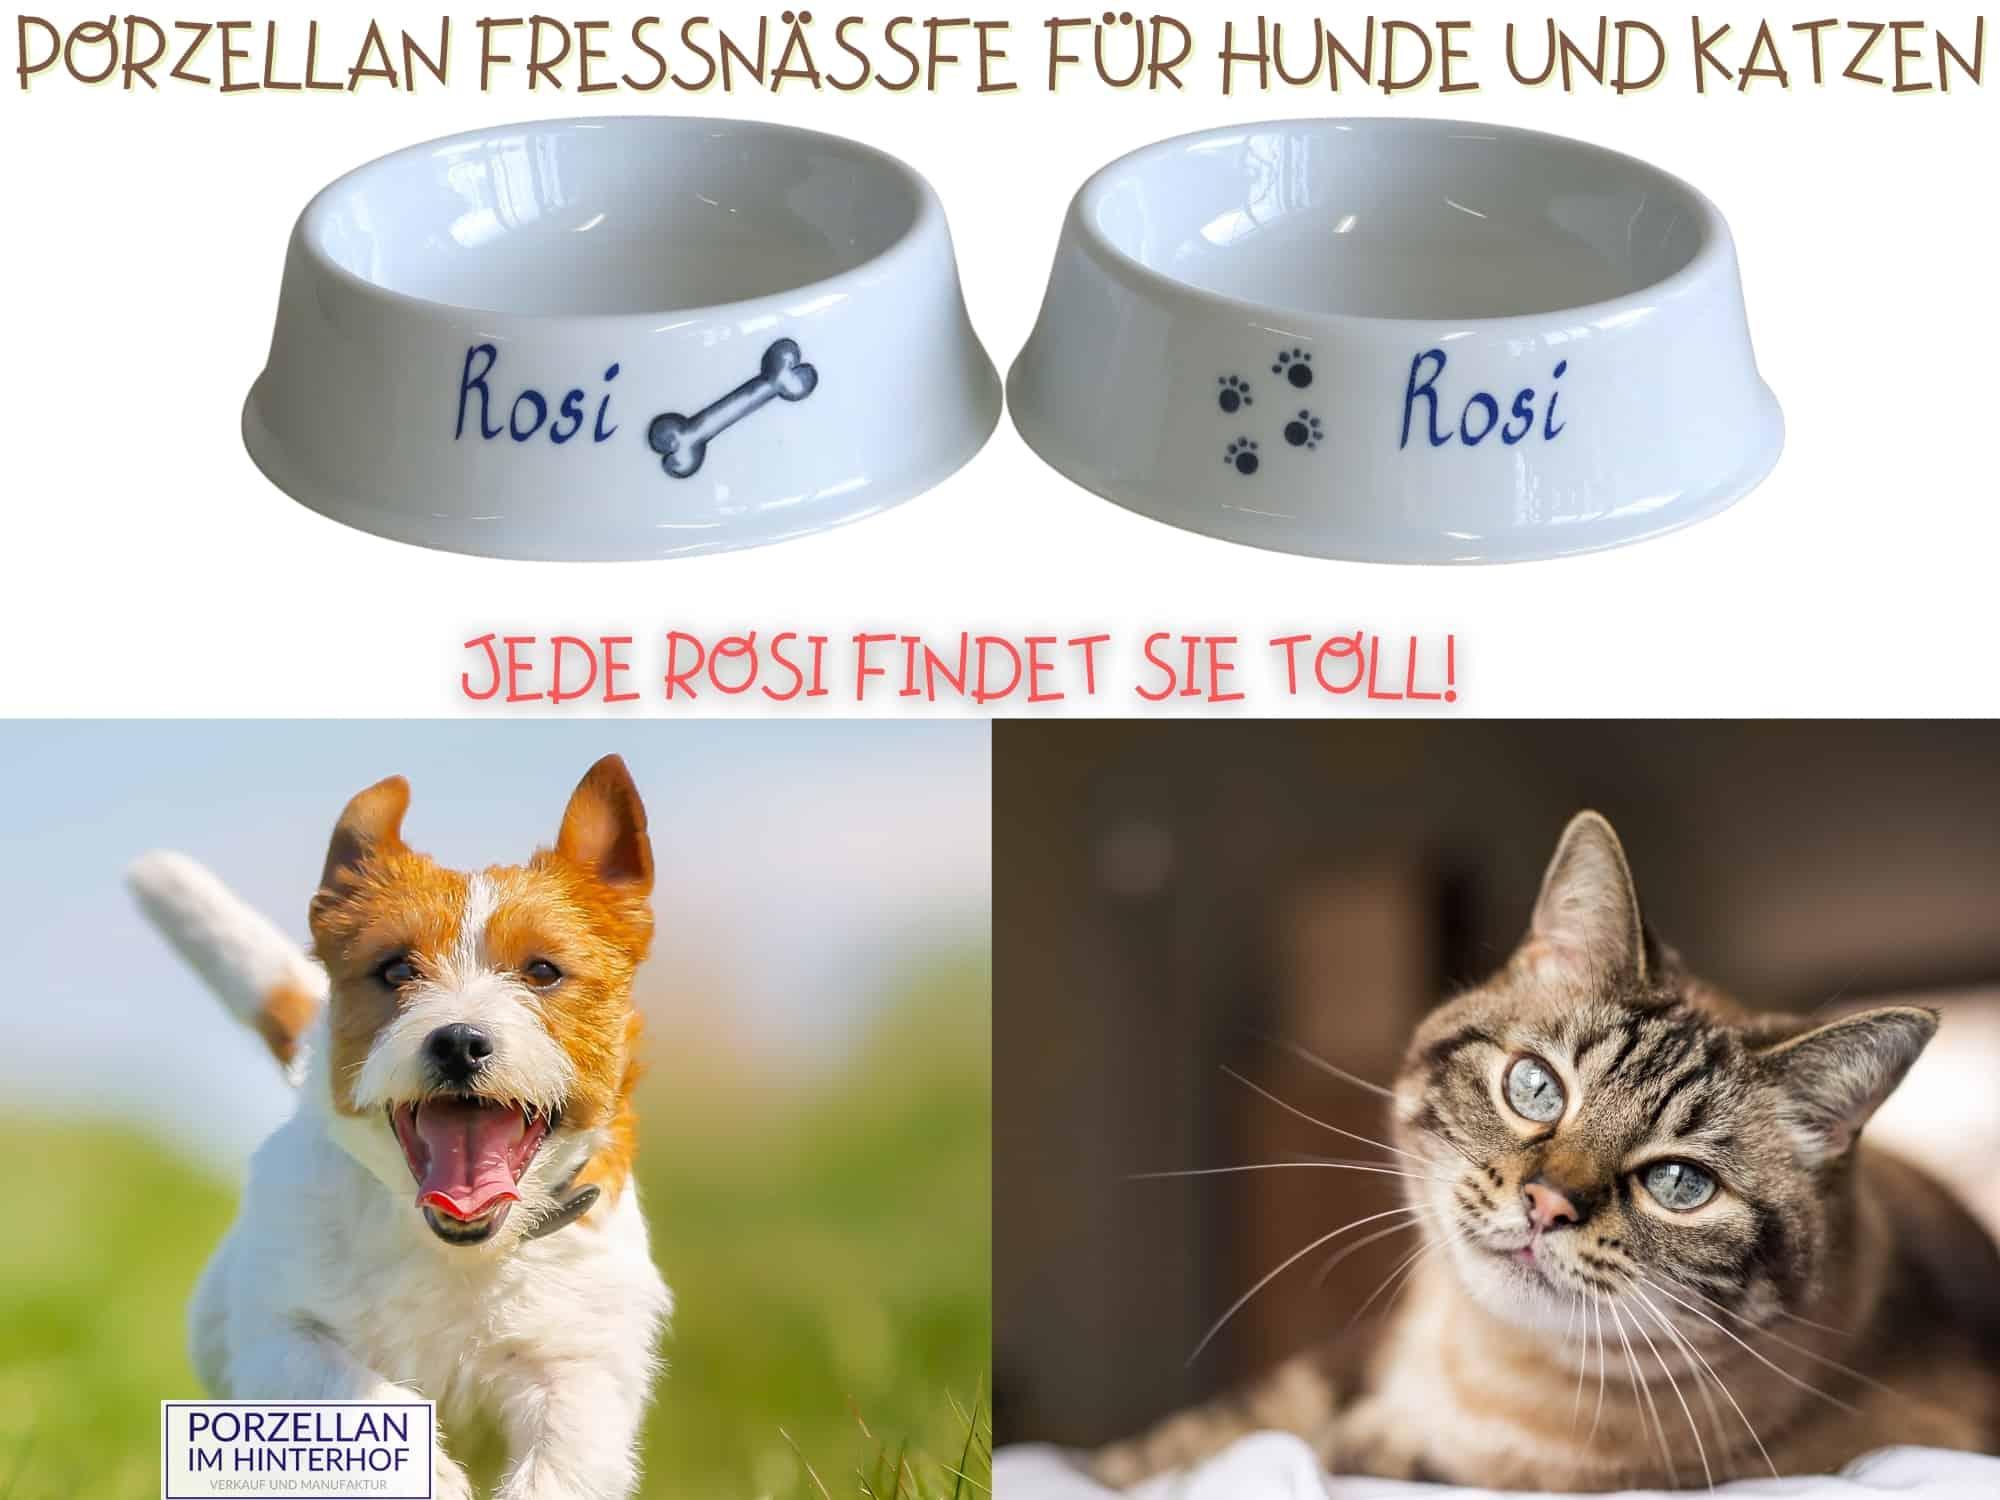 Hundenapfe, Katzennapf, Fressnapf personalisiert  und mit Motiv